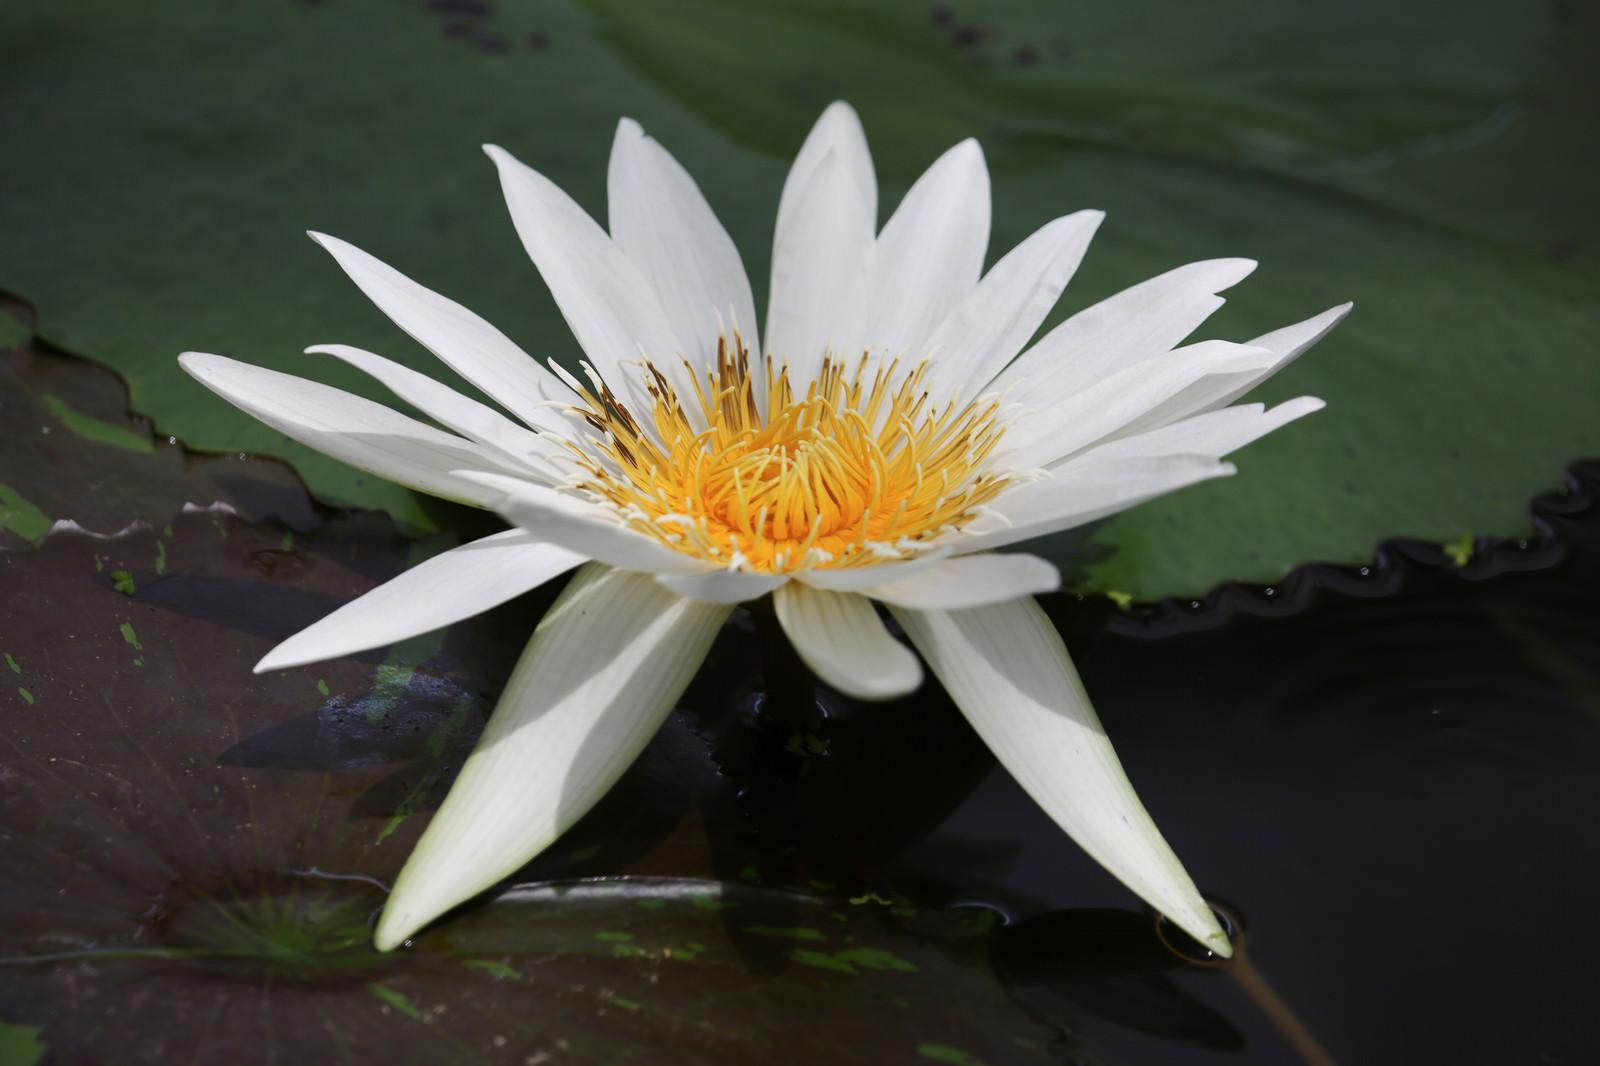 「池に浮かび花開く睡蓮」の写真